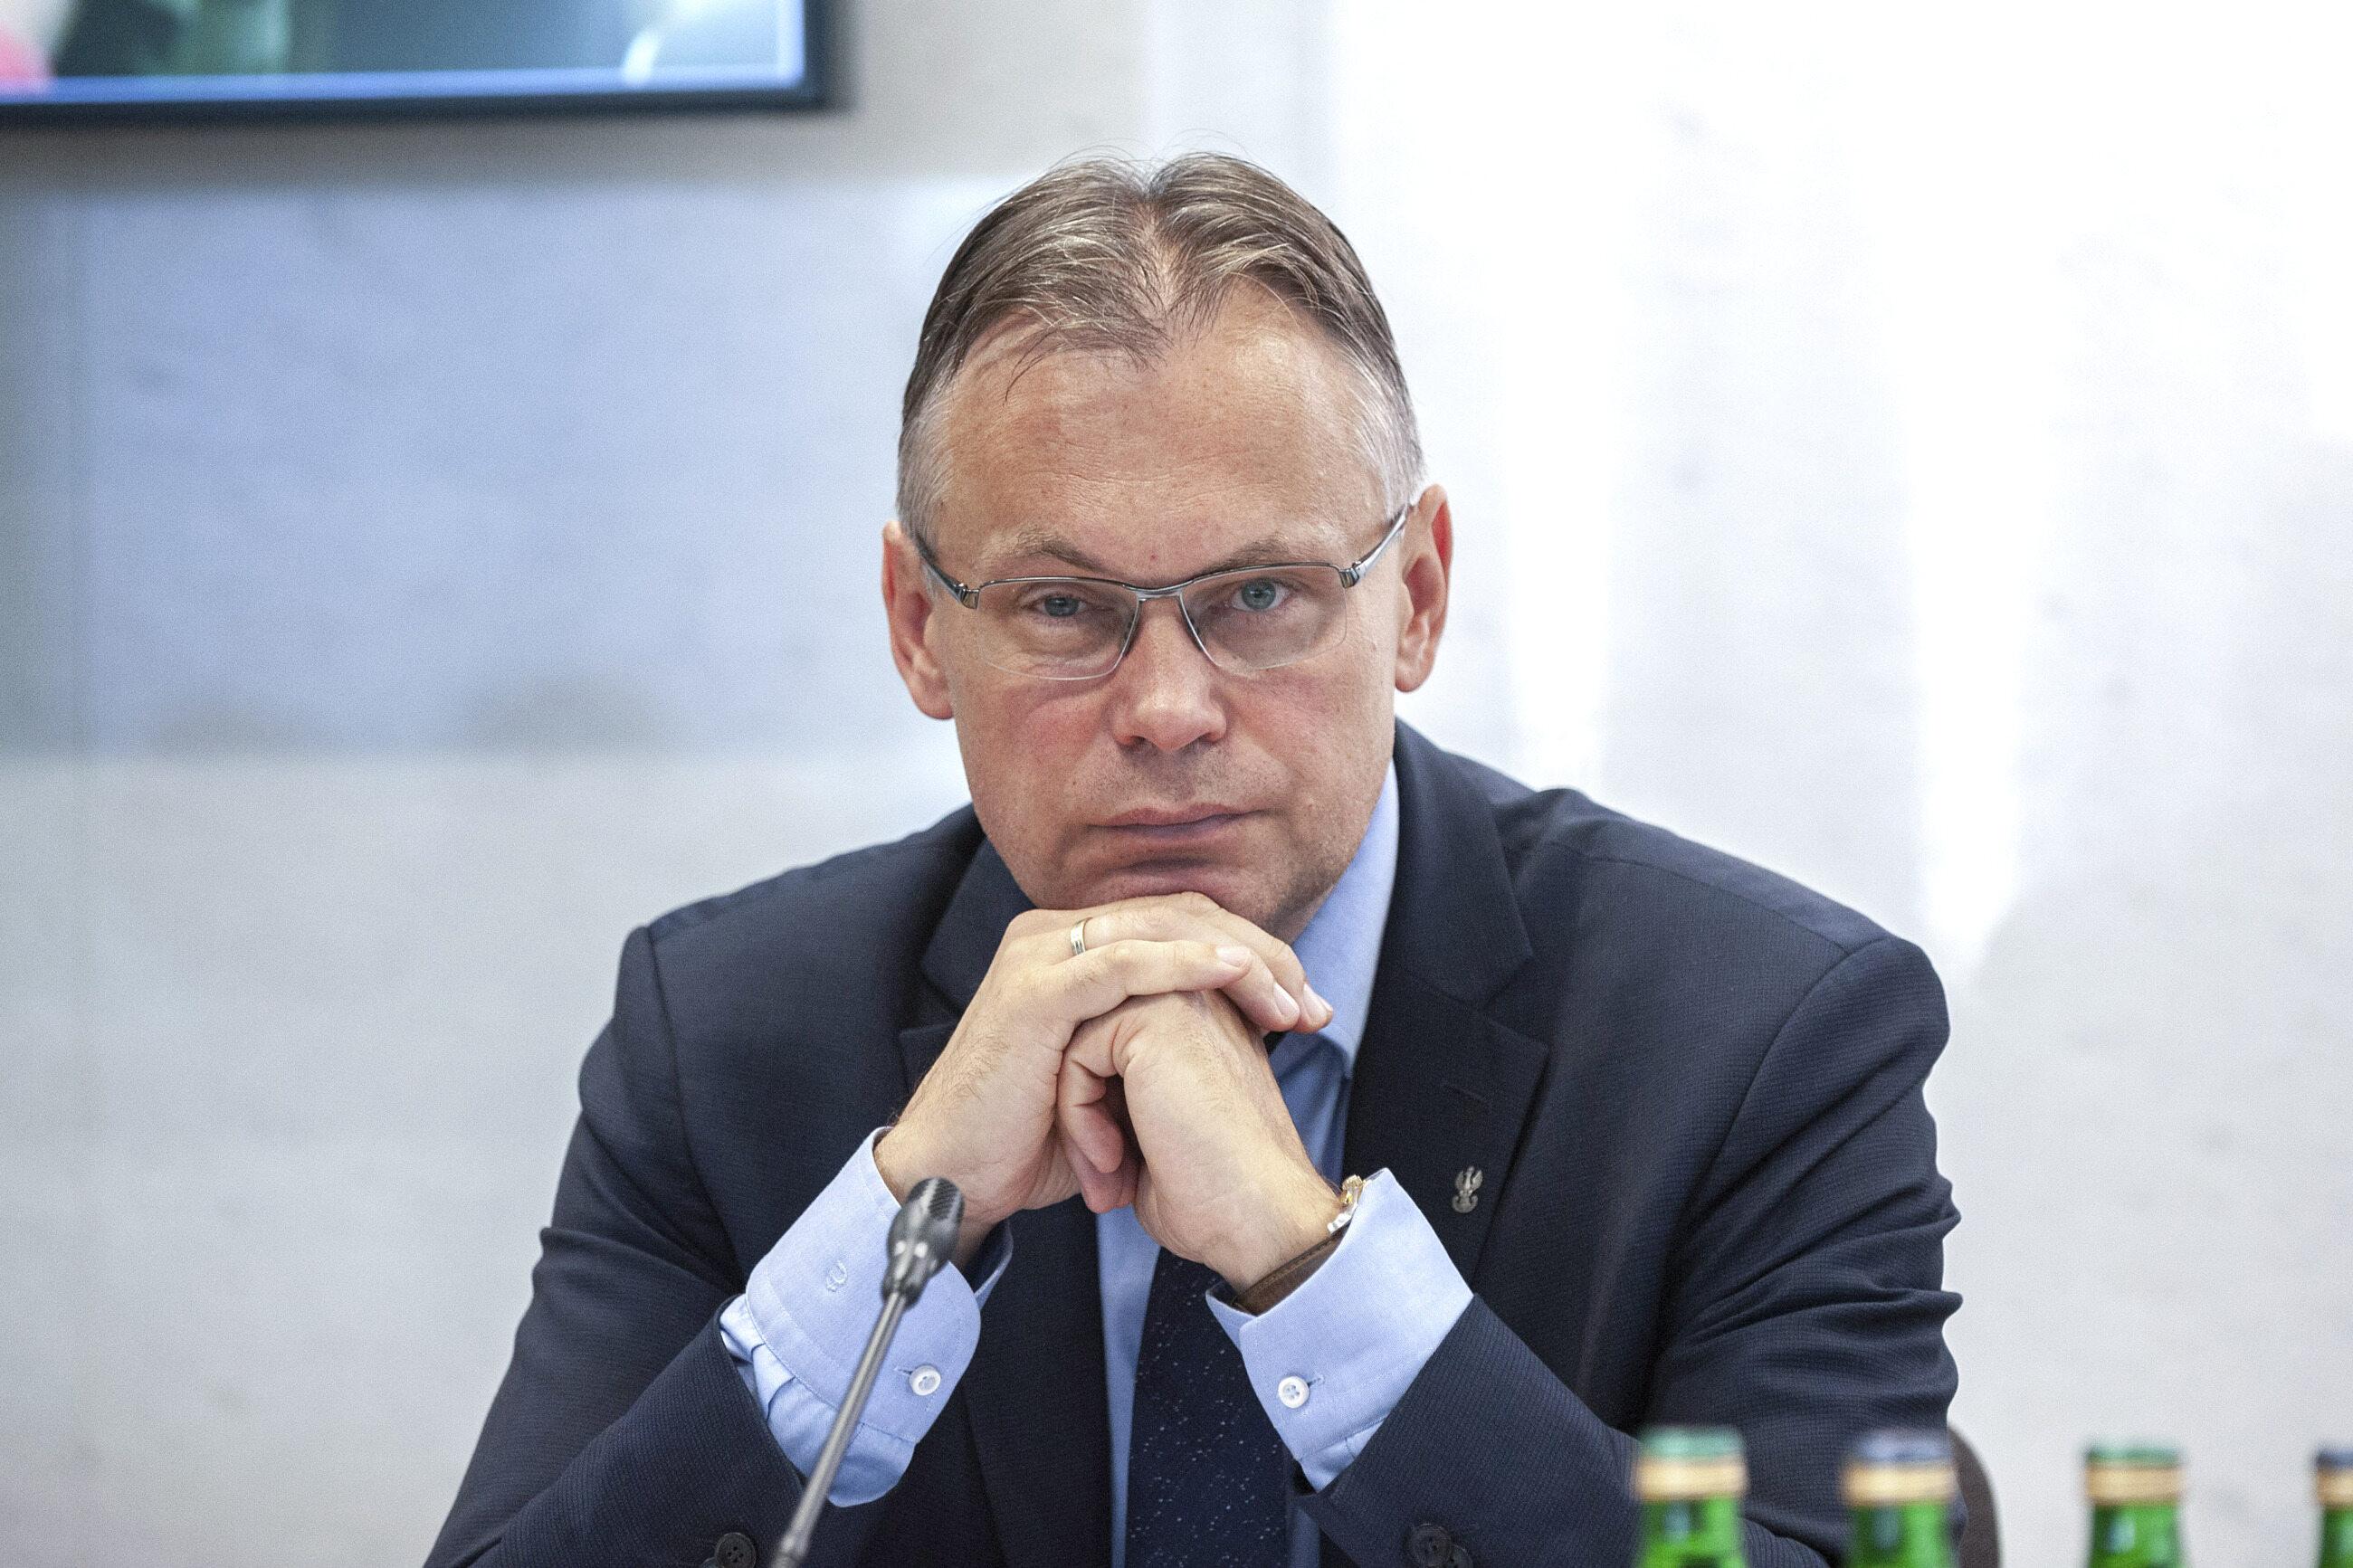 """Arkadiusz Mularczyk z PiS ukarany przez Radę Europy. """"Zakaz wypowiadania się na forum"""